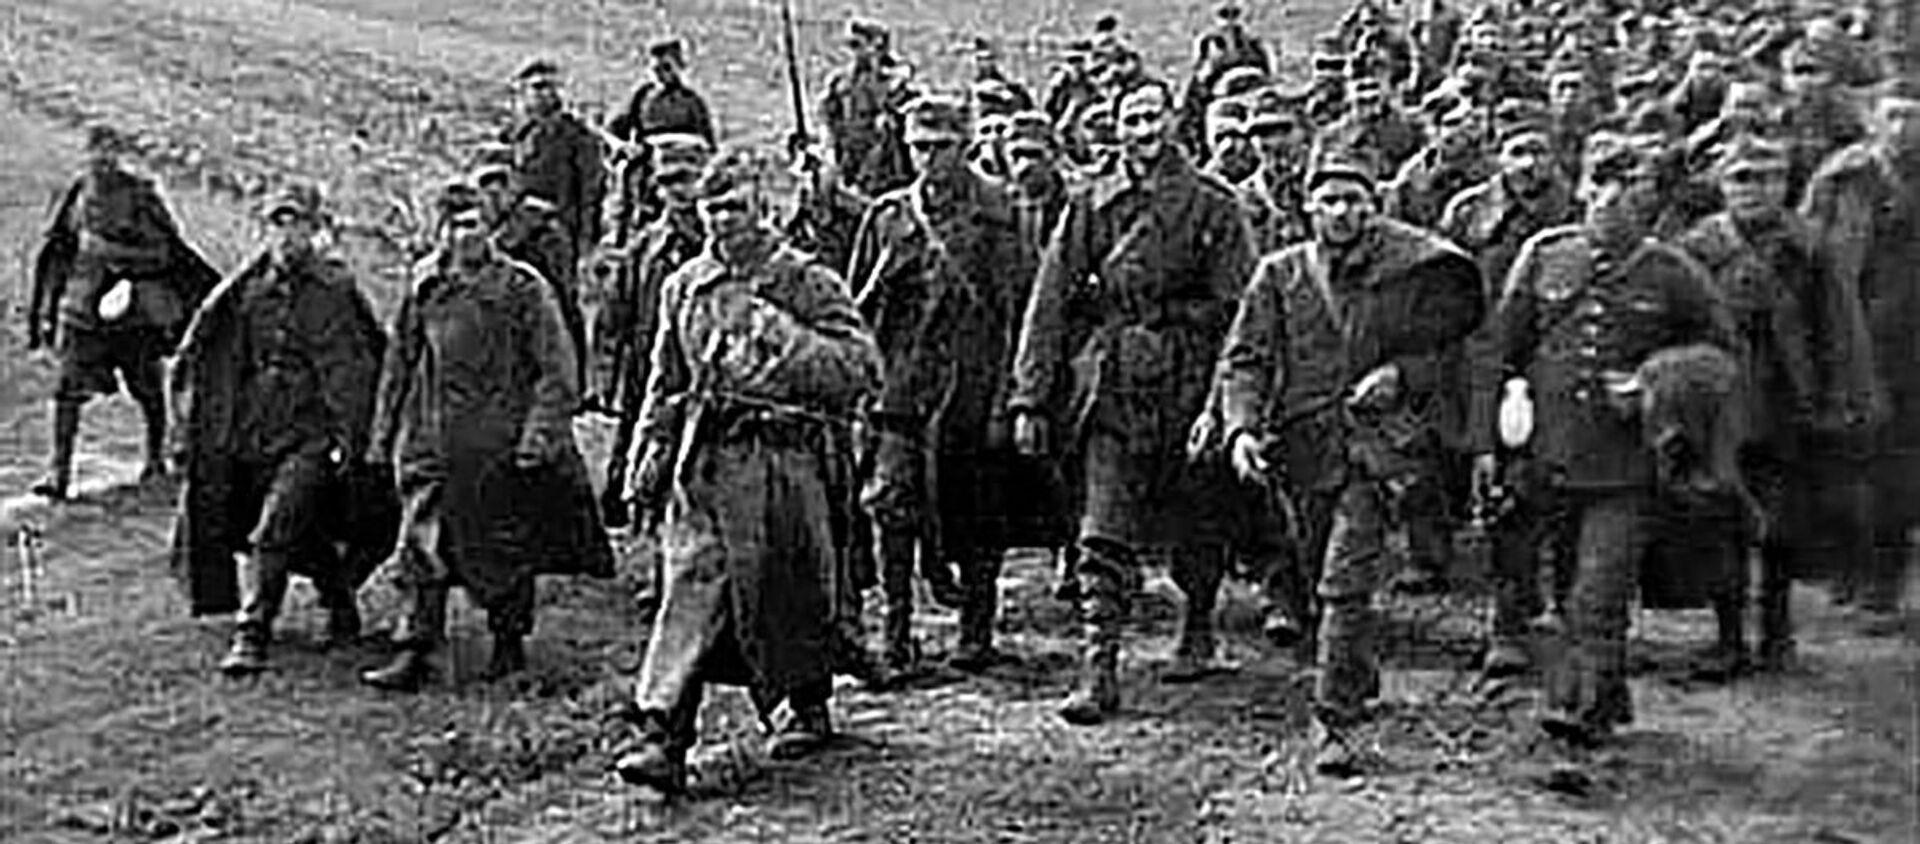 Polscy jeńcy w asyście czerwnoarmistów, 1939 rok - Sputnik Polska, 1920, 09.06.2020